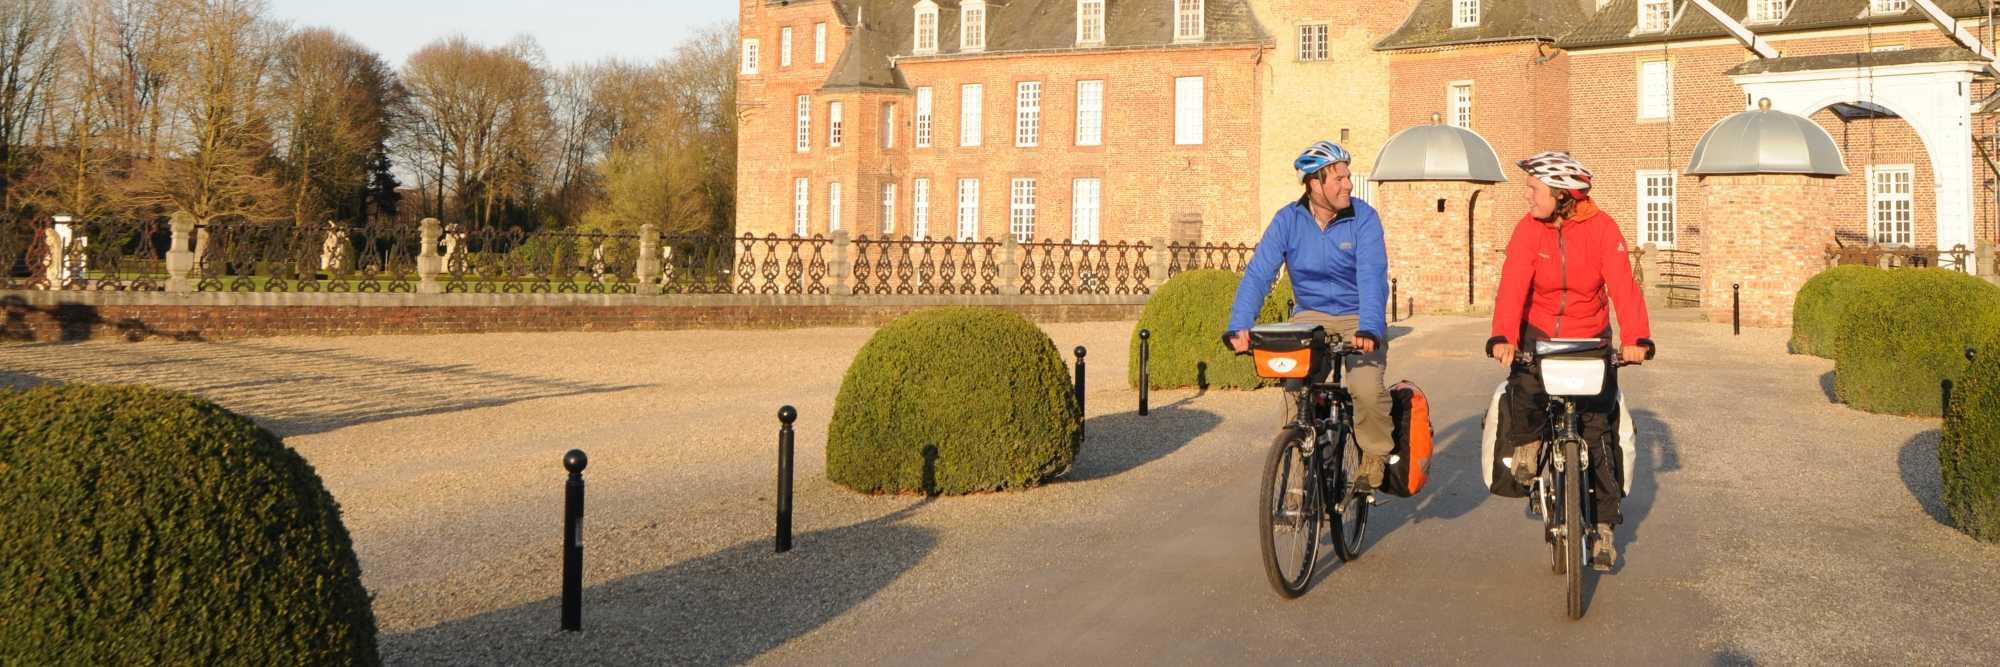 headerfoto-100-kastelen-route-wasserburg-anholt